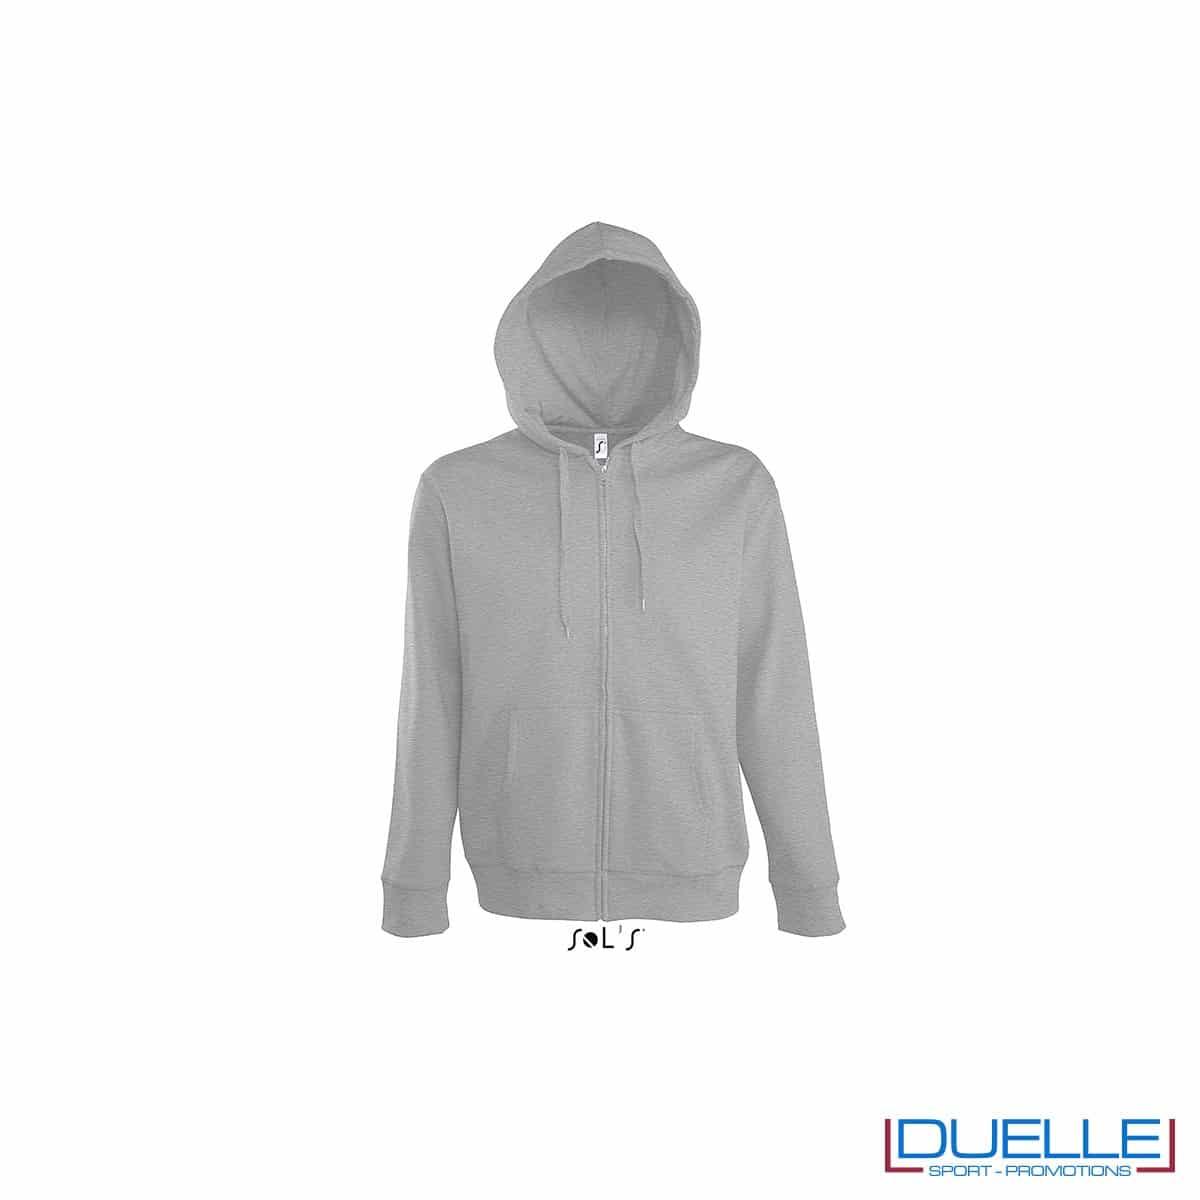 felpa personalizzata con cappuccio e zip completa colore grigio melange, felpa personalizzata